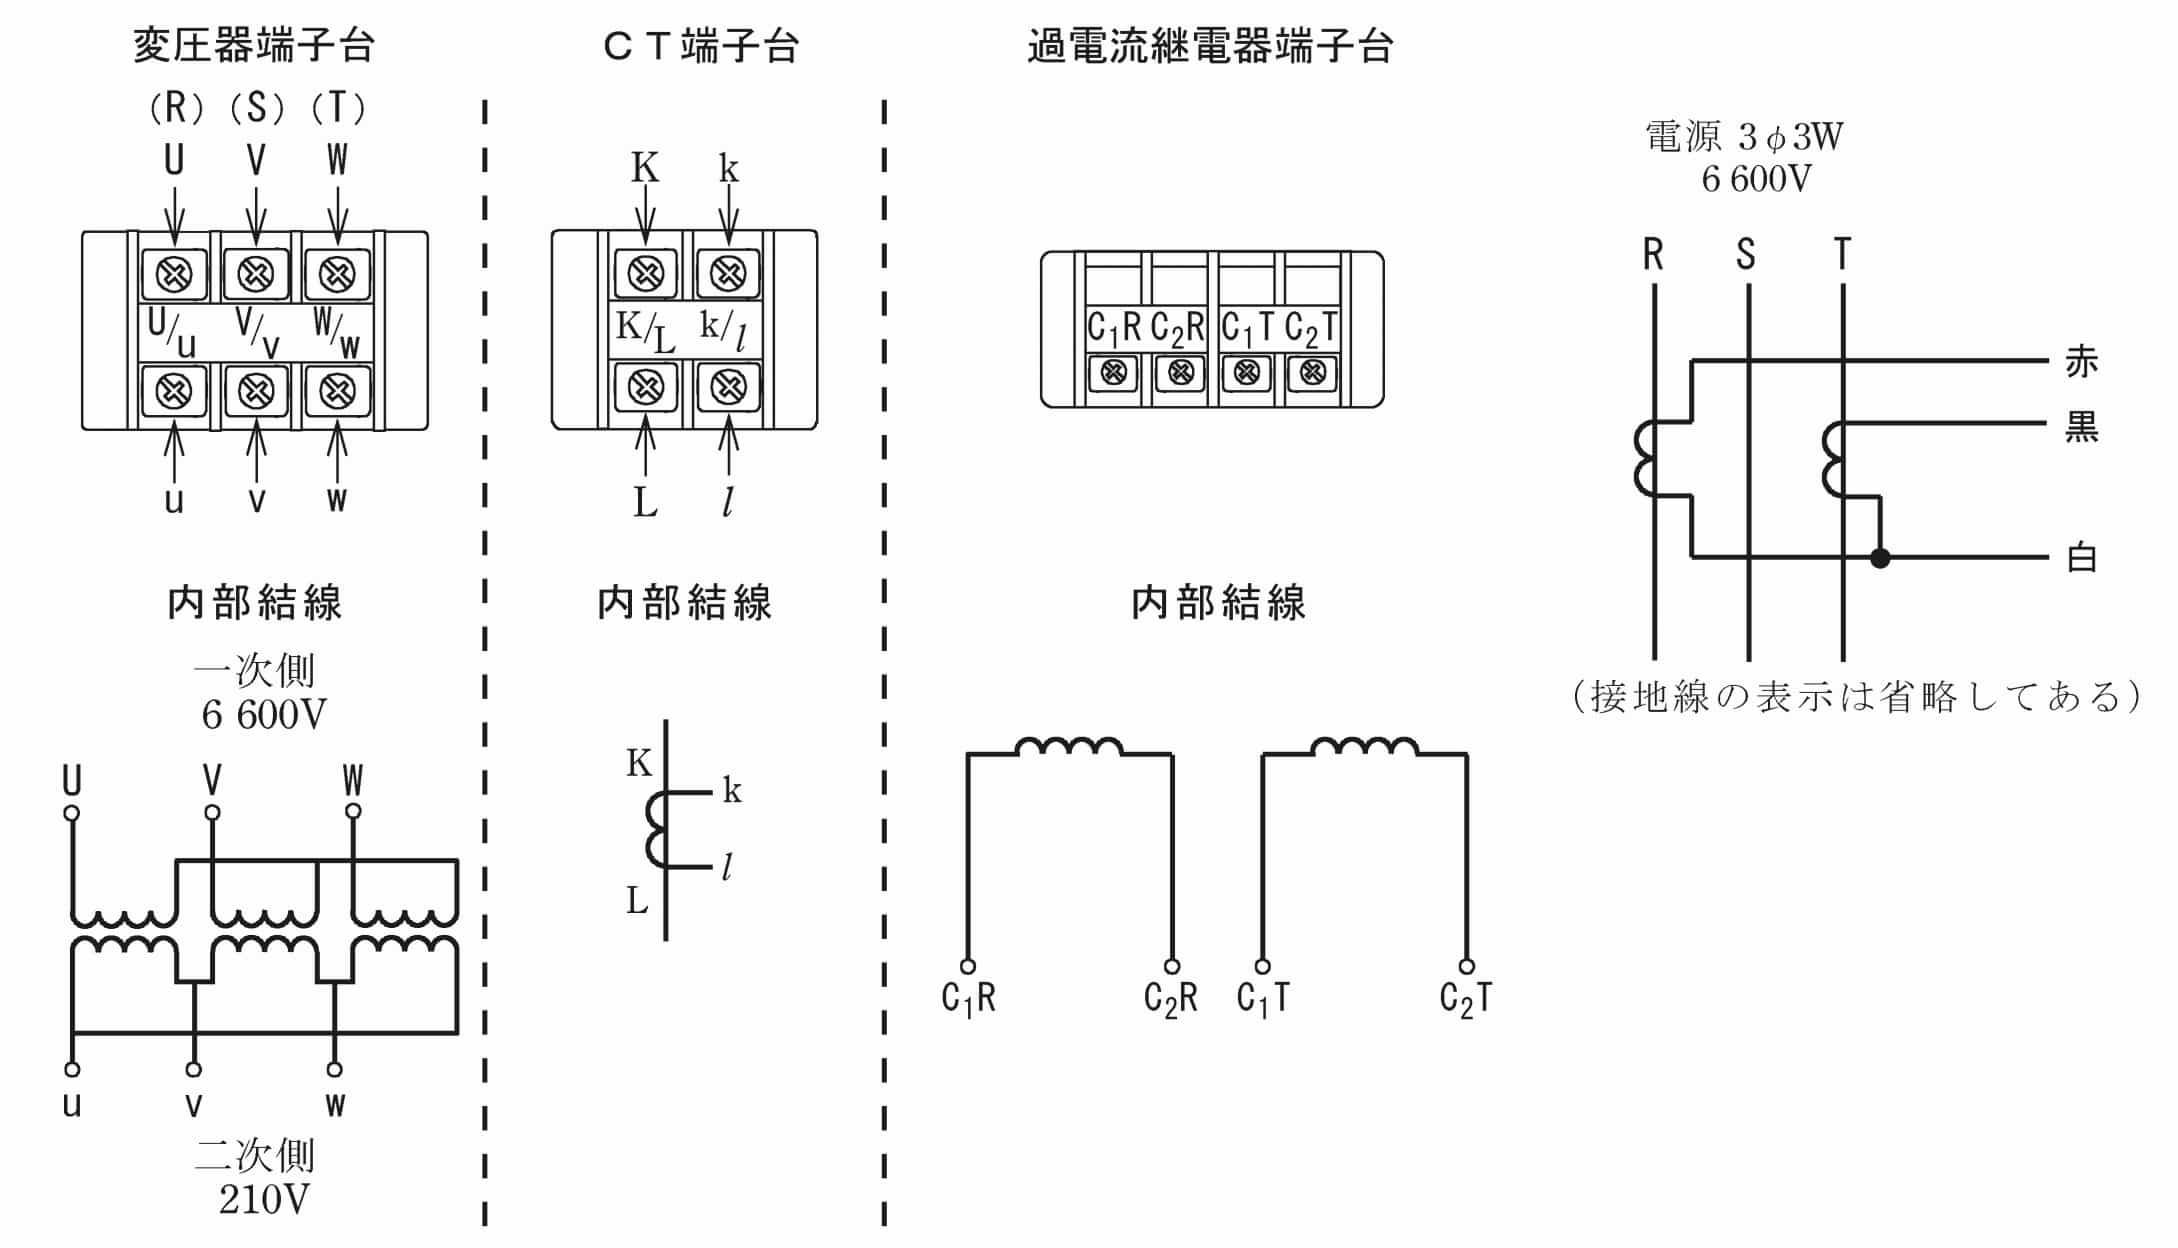 第一種電気工事士の技能試験の試験問題No.7の内部配線